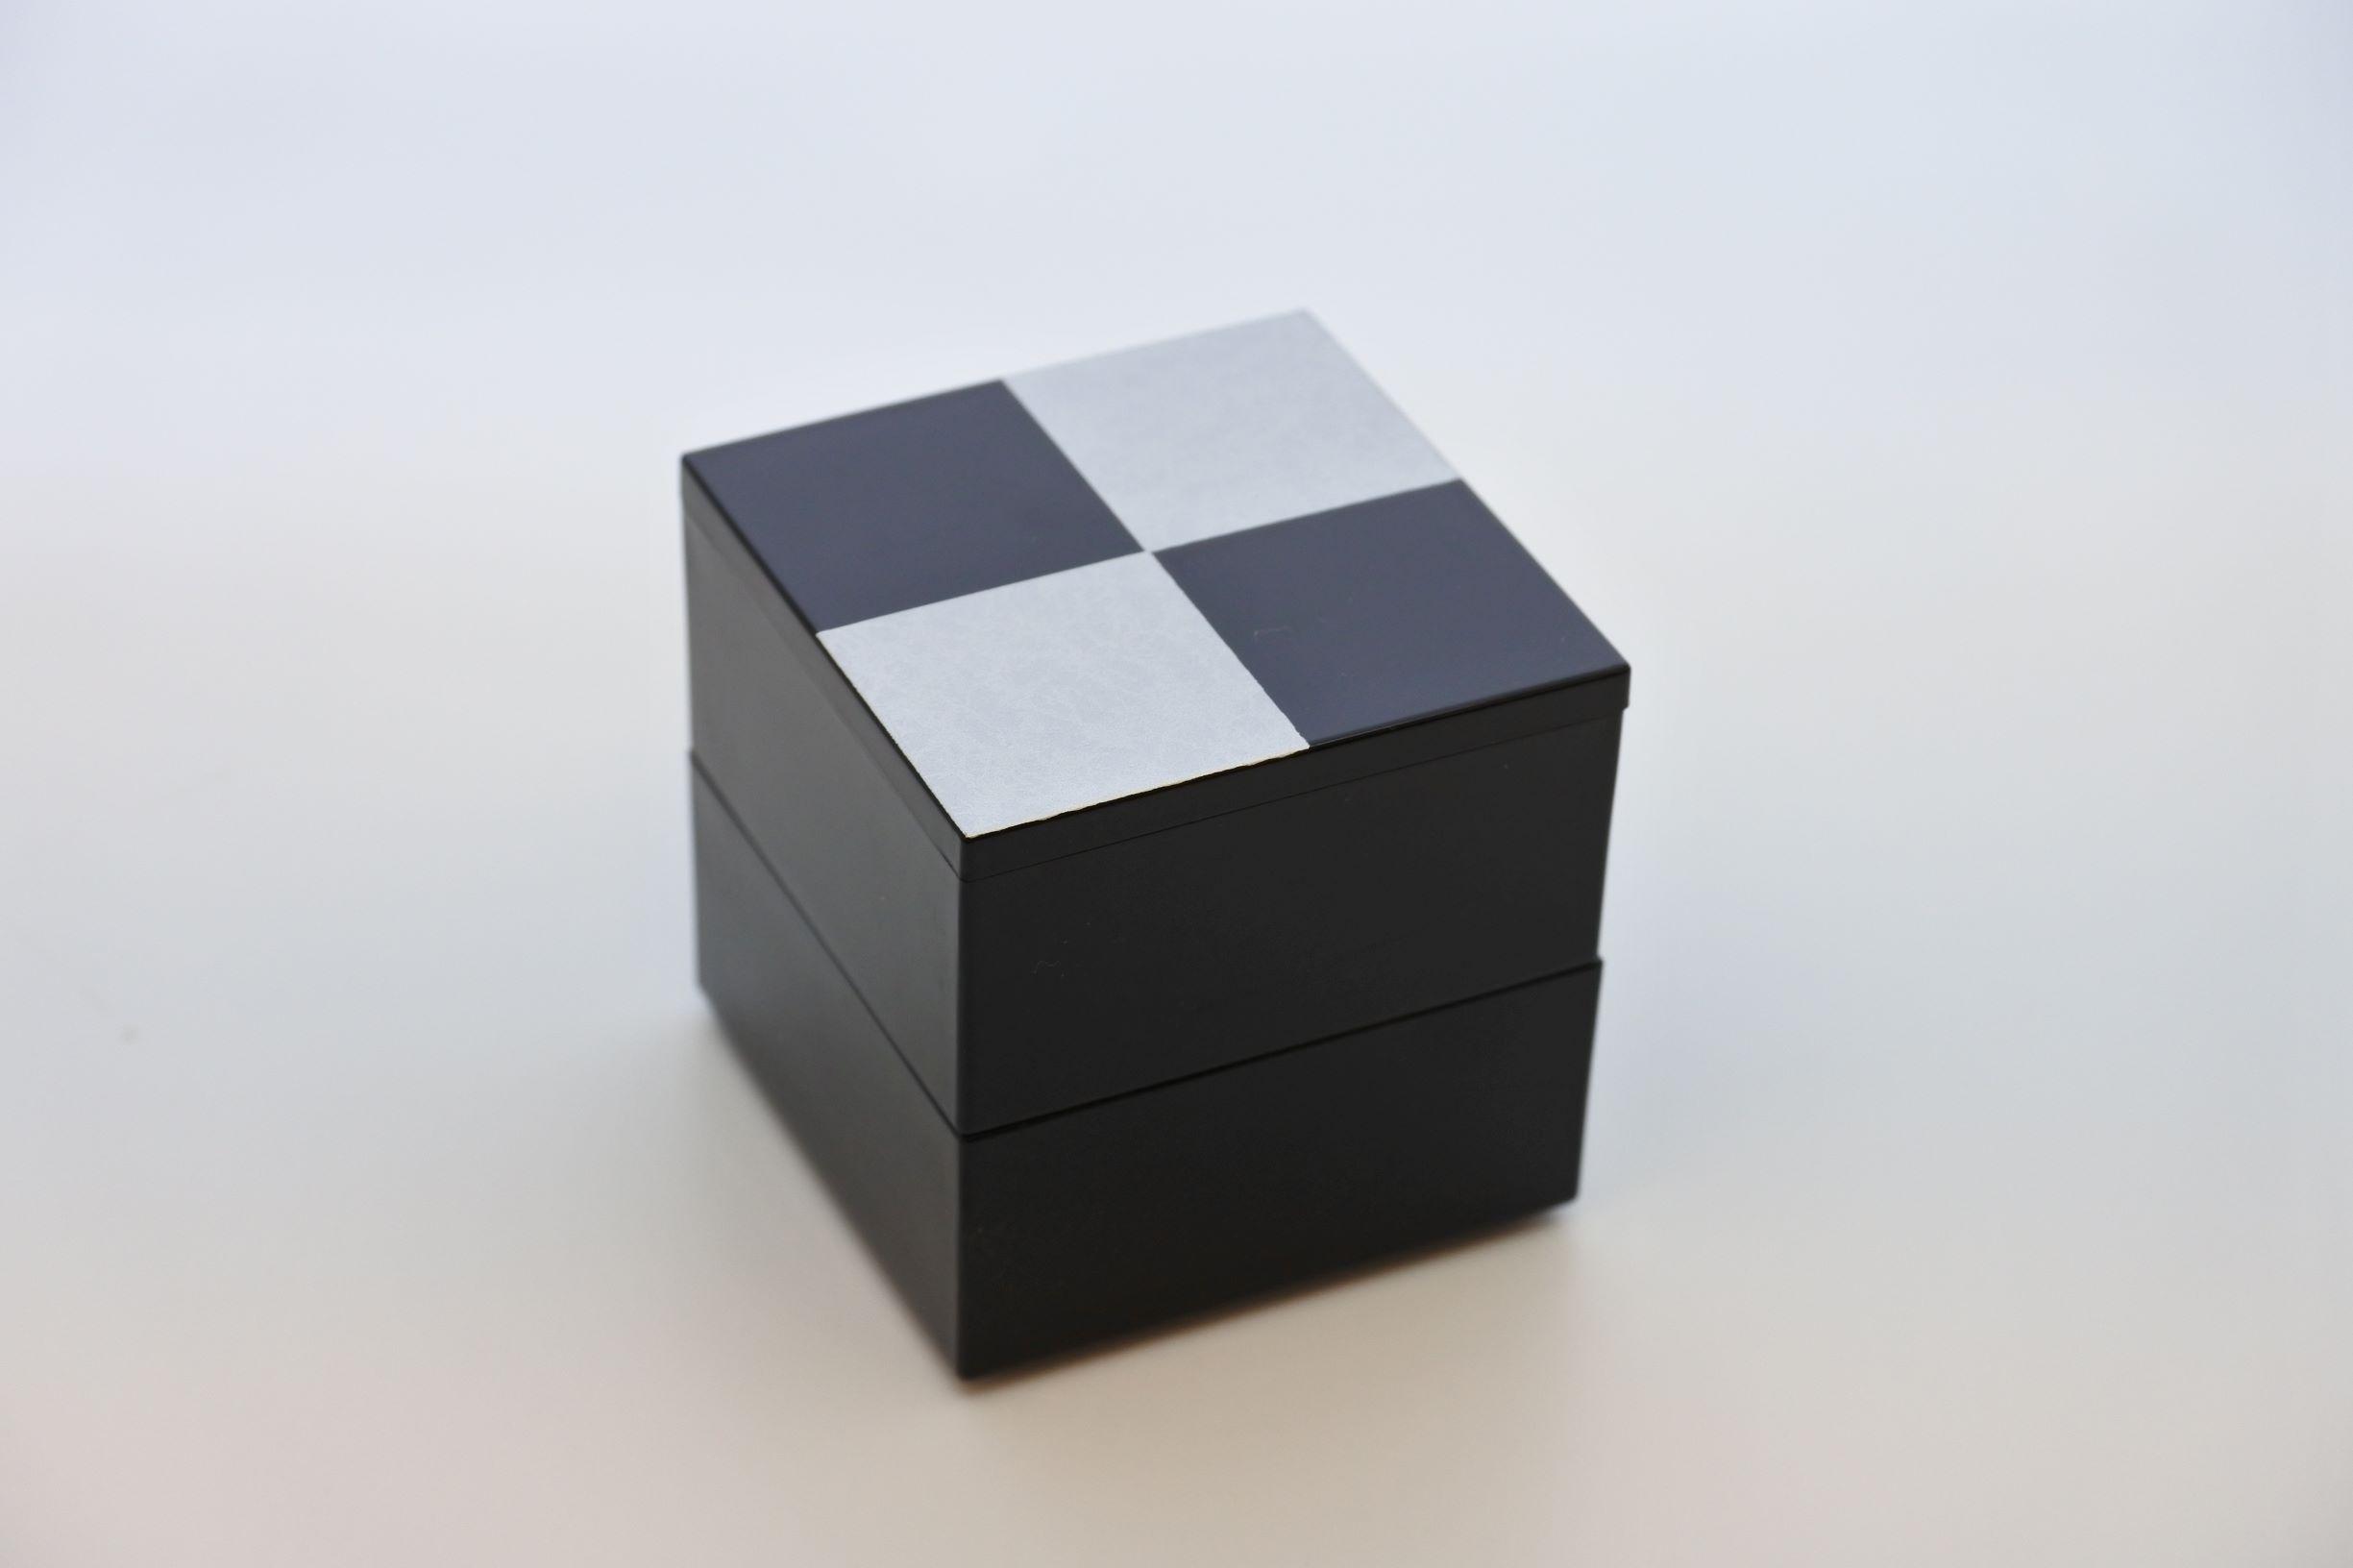 《新商品》JUBAKO/重箱/市松SILVER2.3二段中子重(黒)(A)KZ2966A≪Kaze-ya style≫